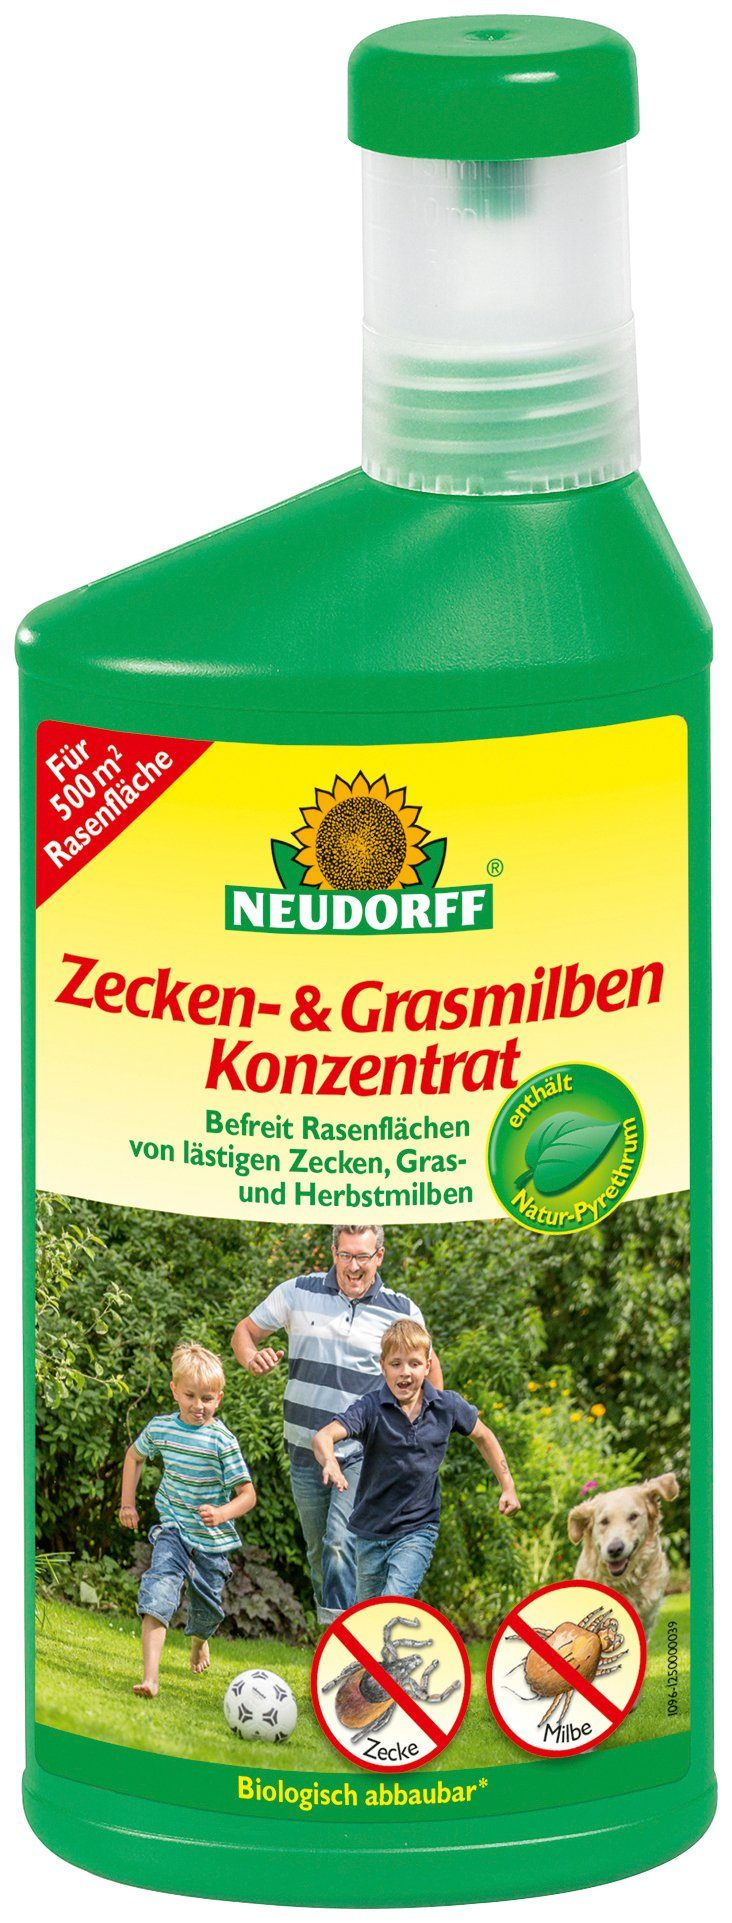 NEUDORFF Insektenvernichter »Zecken- & GrasmilbenKonzentrat«, 500 ml